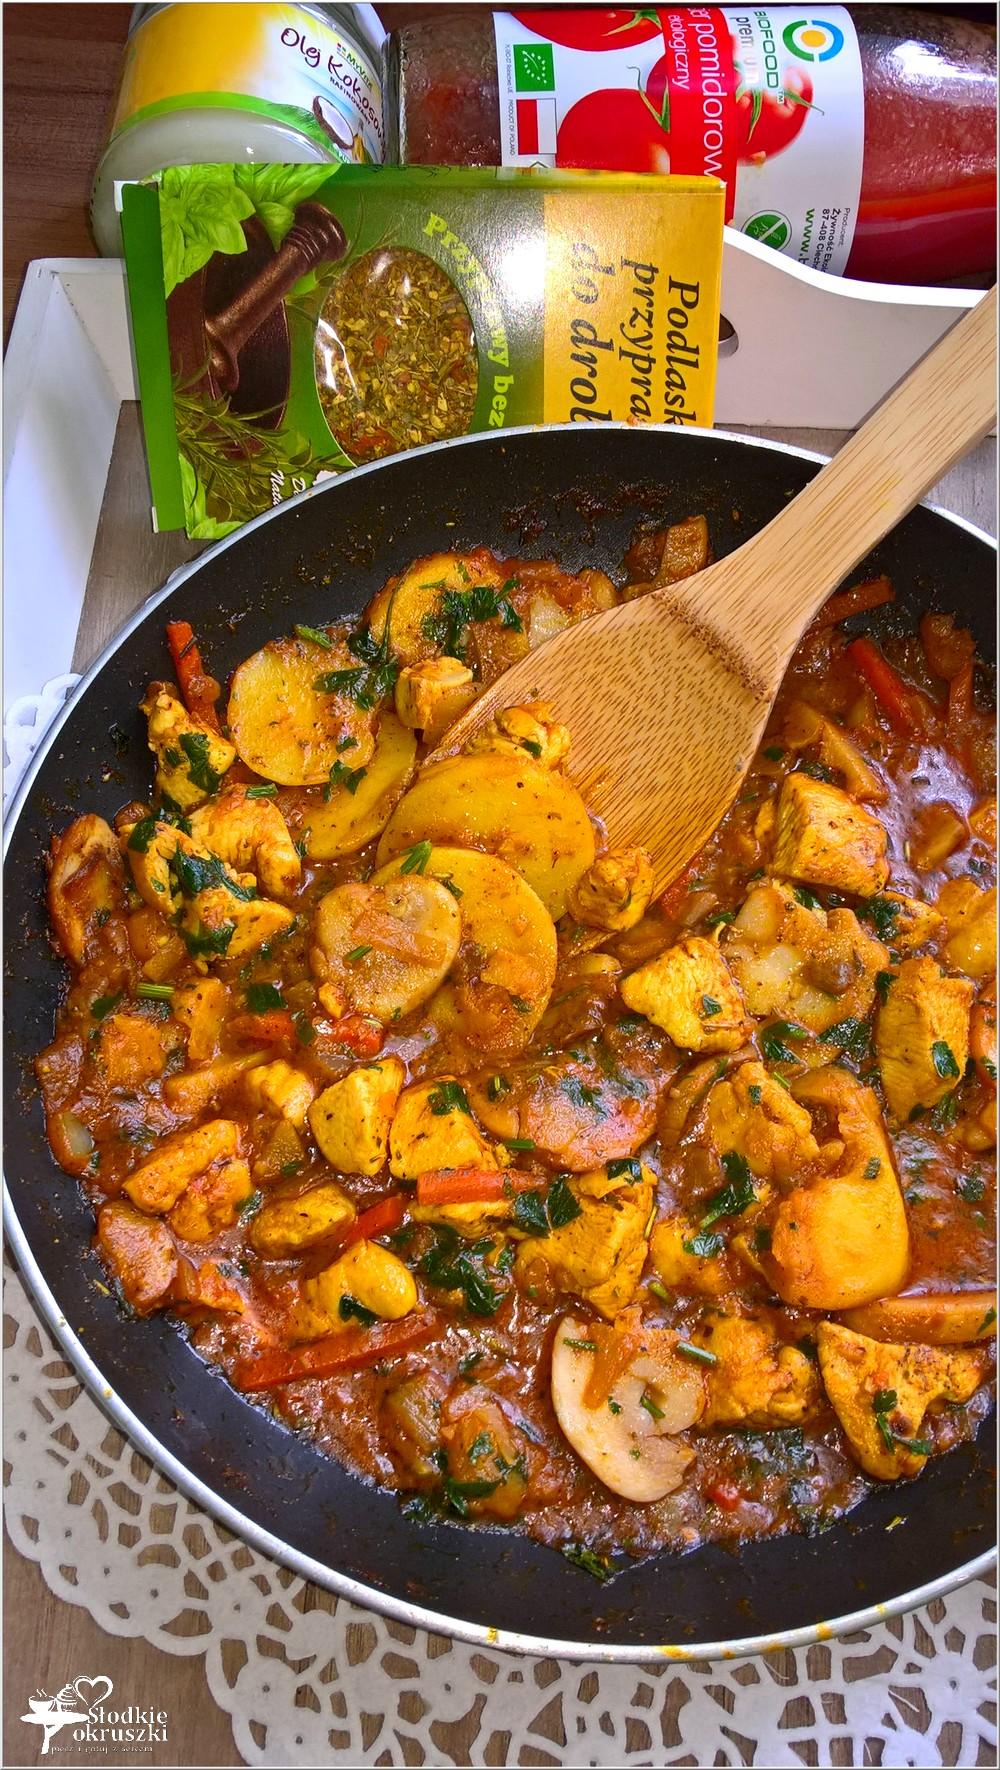 Szybki obiad. Kurczak z warzywami i grzybami w sosie pomidorowym (2)